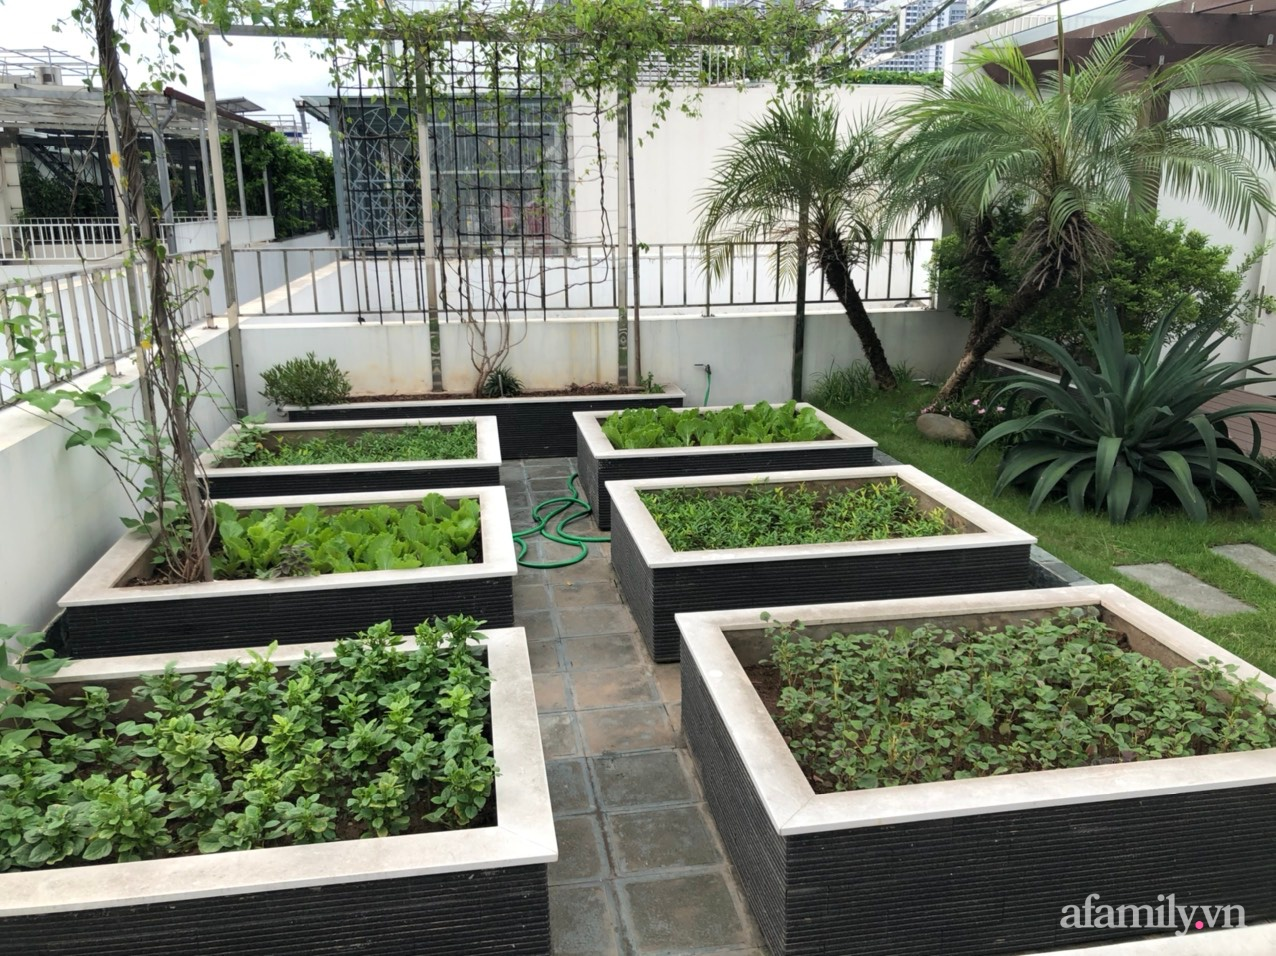 Vườn rau quả sạch 100m2 trên mái nhà của người phụ nữ xinh đẹp ở Hà Nội - Ảnh 2.